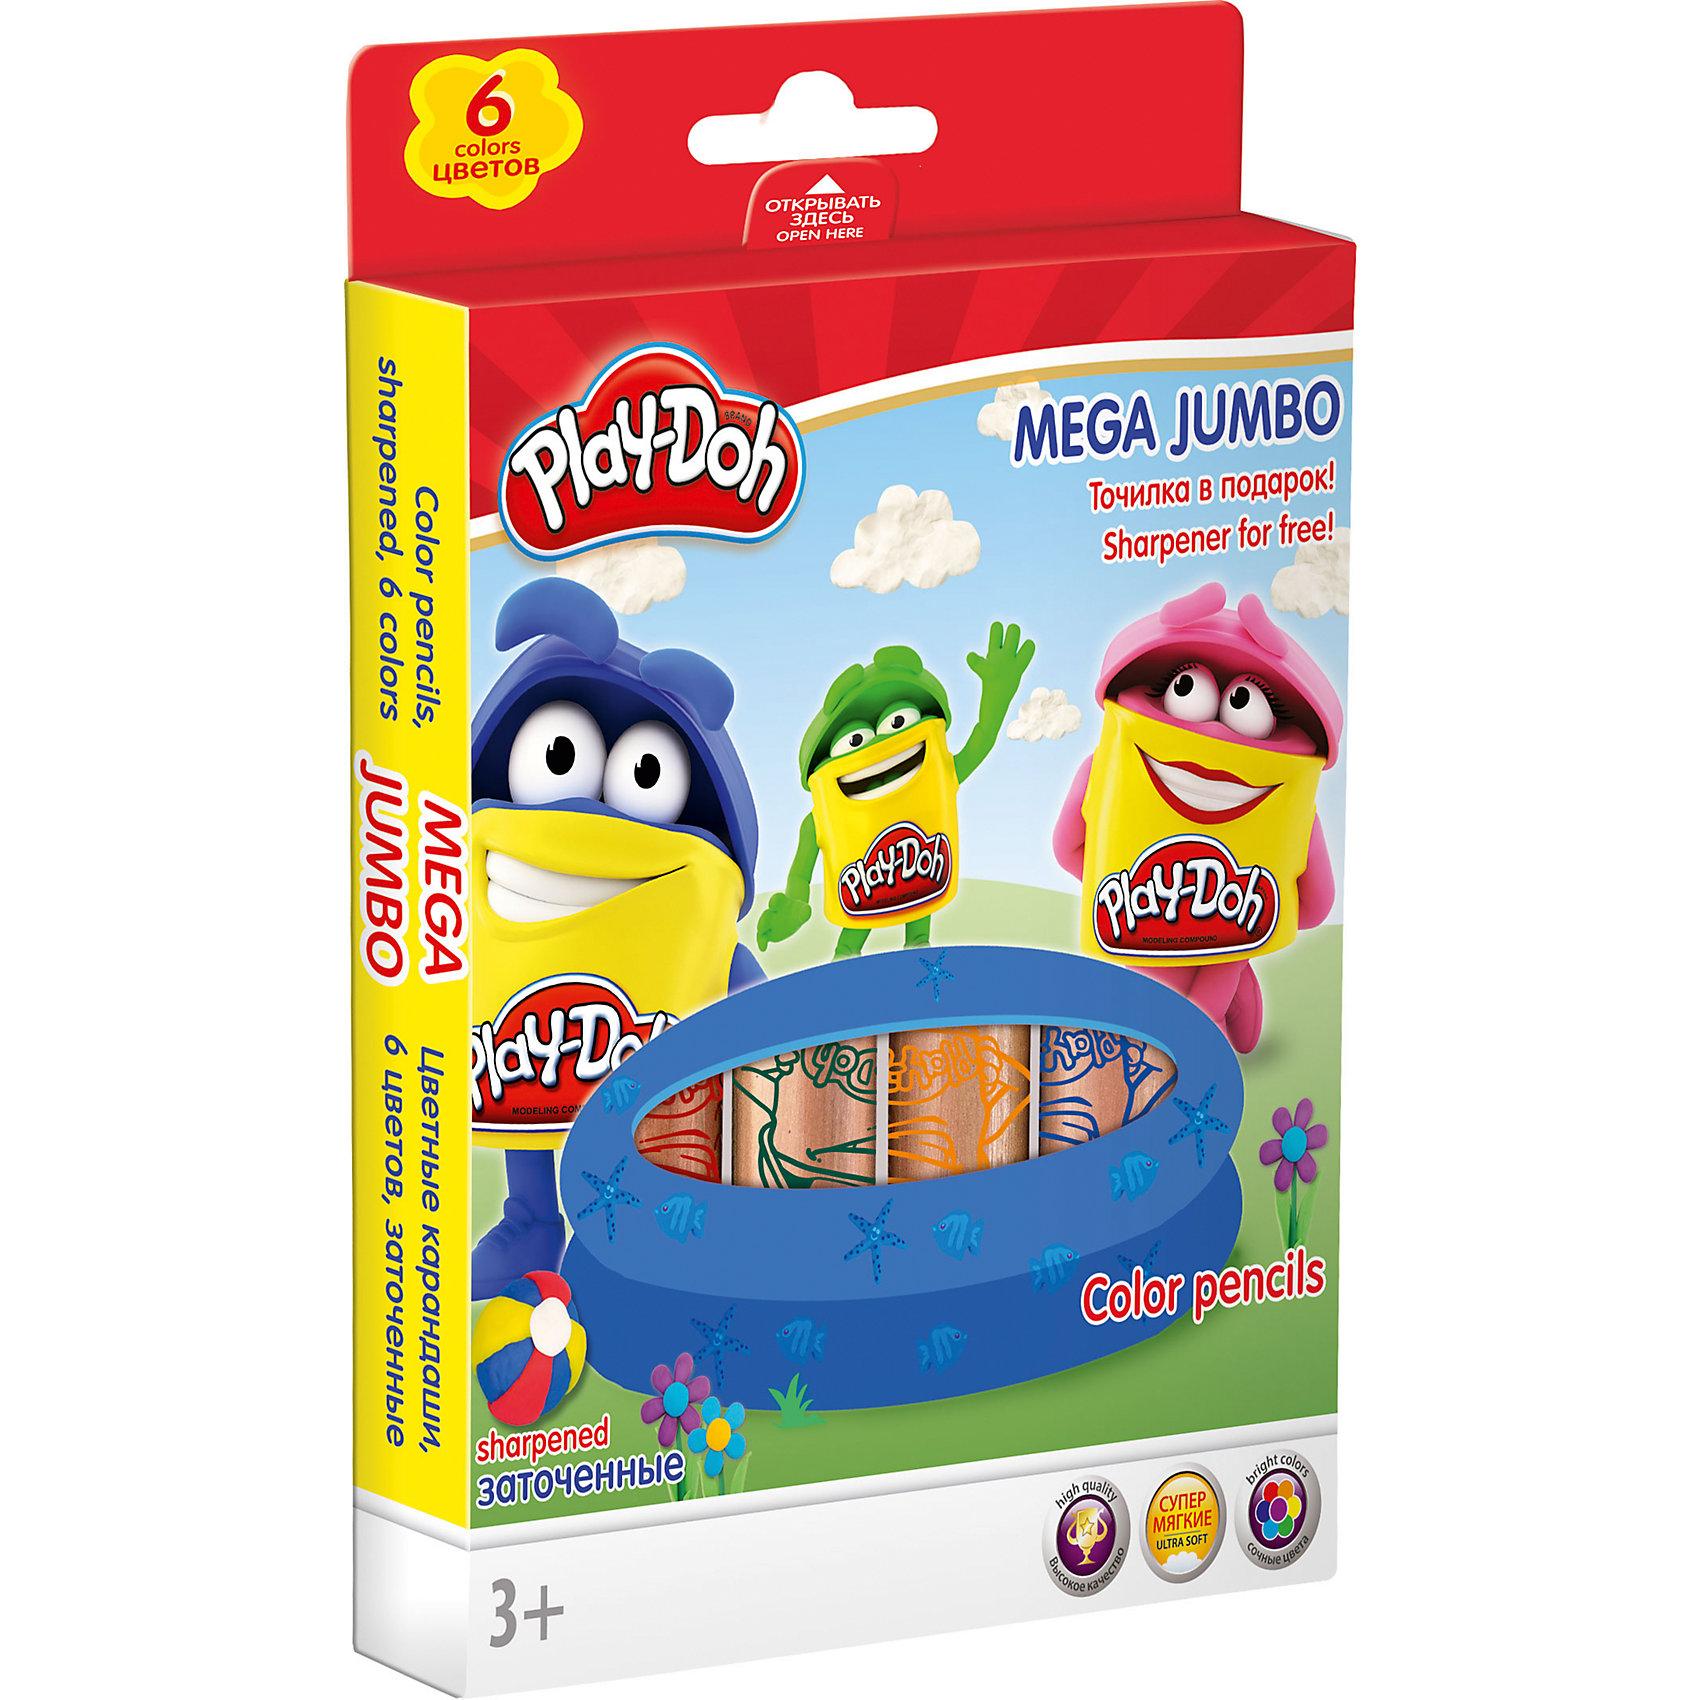 Академия групп Цветные карандаши MEGA JUMBO 6 шт, Play-Doh hasbro play doh игровой набор из 3 цветов цвета в ассортименте с 2 лет